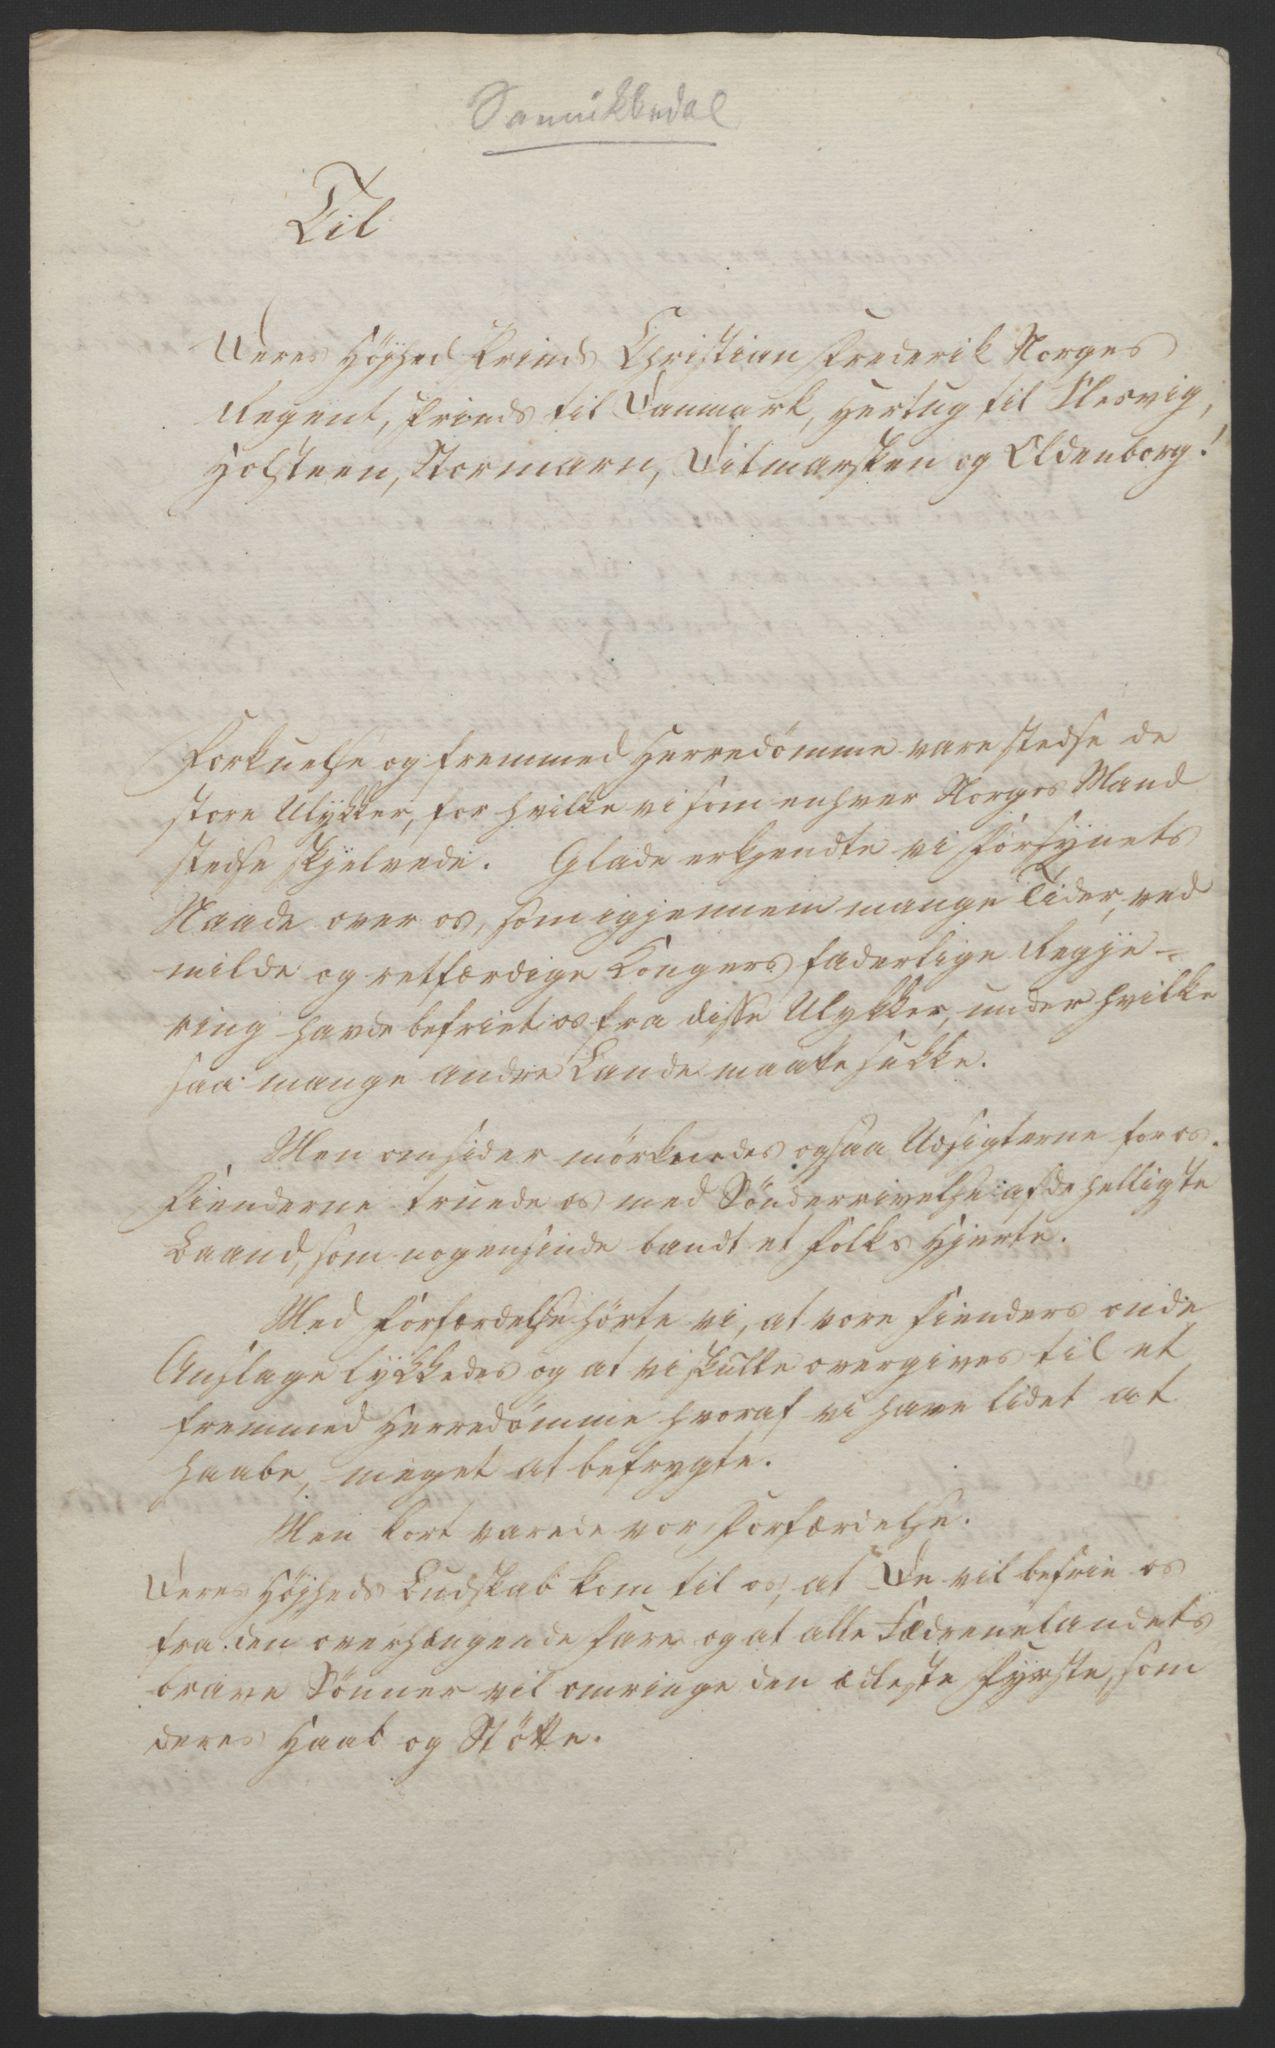 RA, Statsrådssekretariatet, D/Db/L0008: Fullmakter for Eidsvollsrepresentantene i 1814. , 1814, s. 64